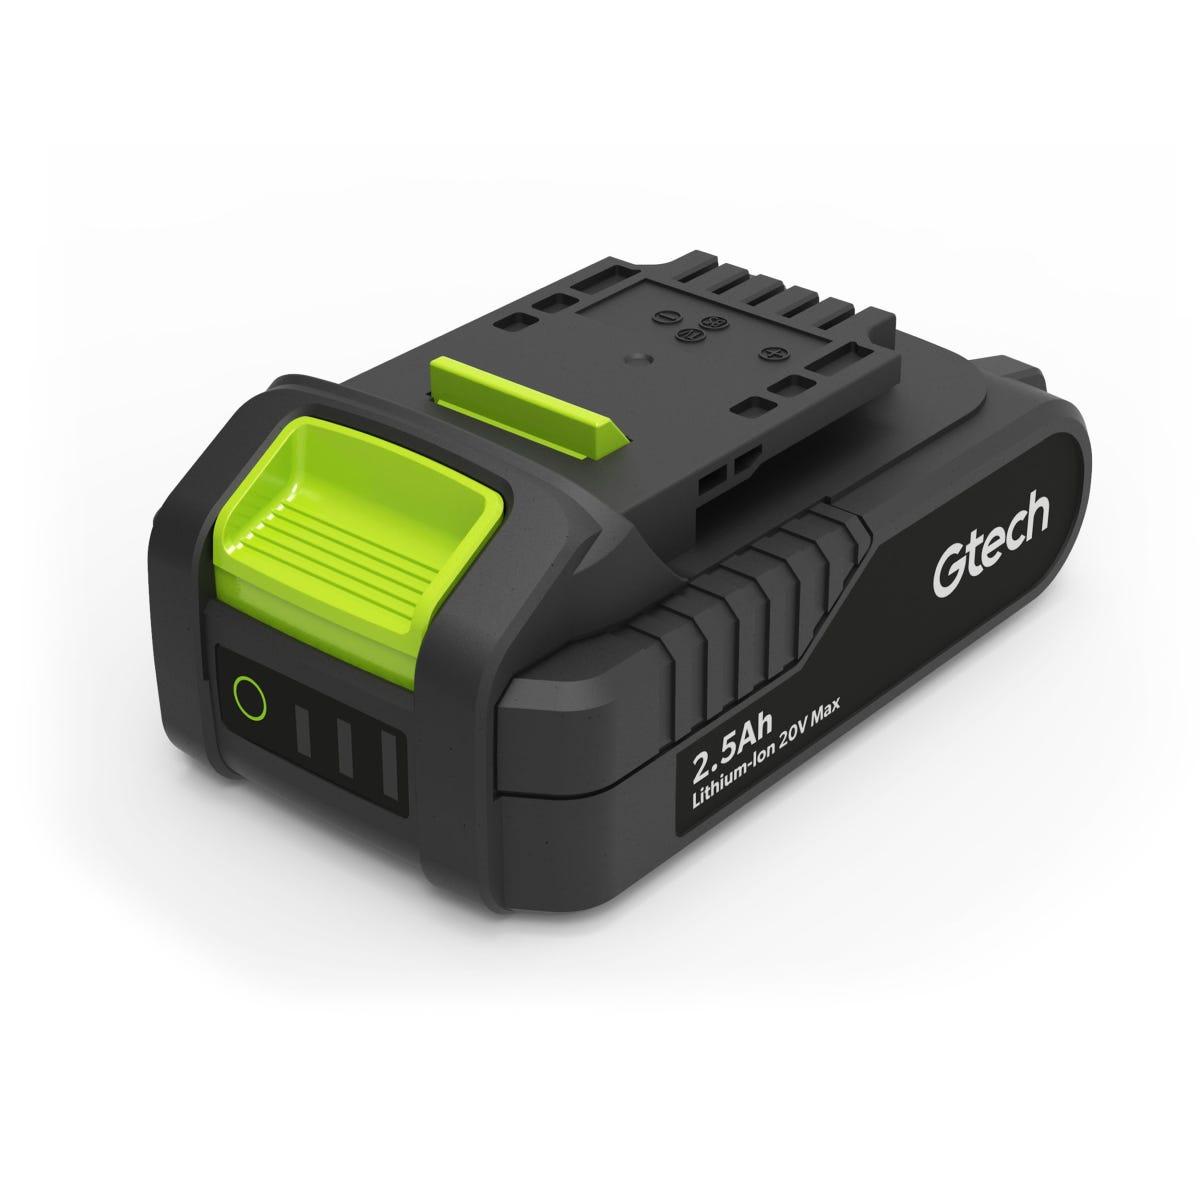 Gtech Battery pack